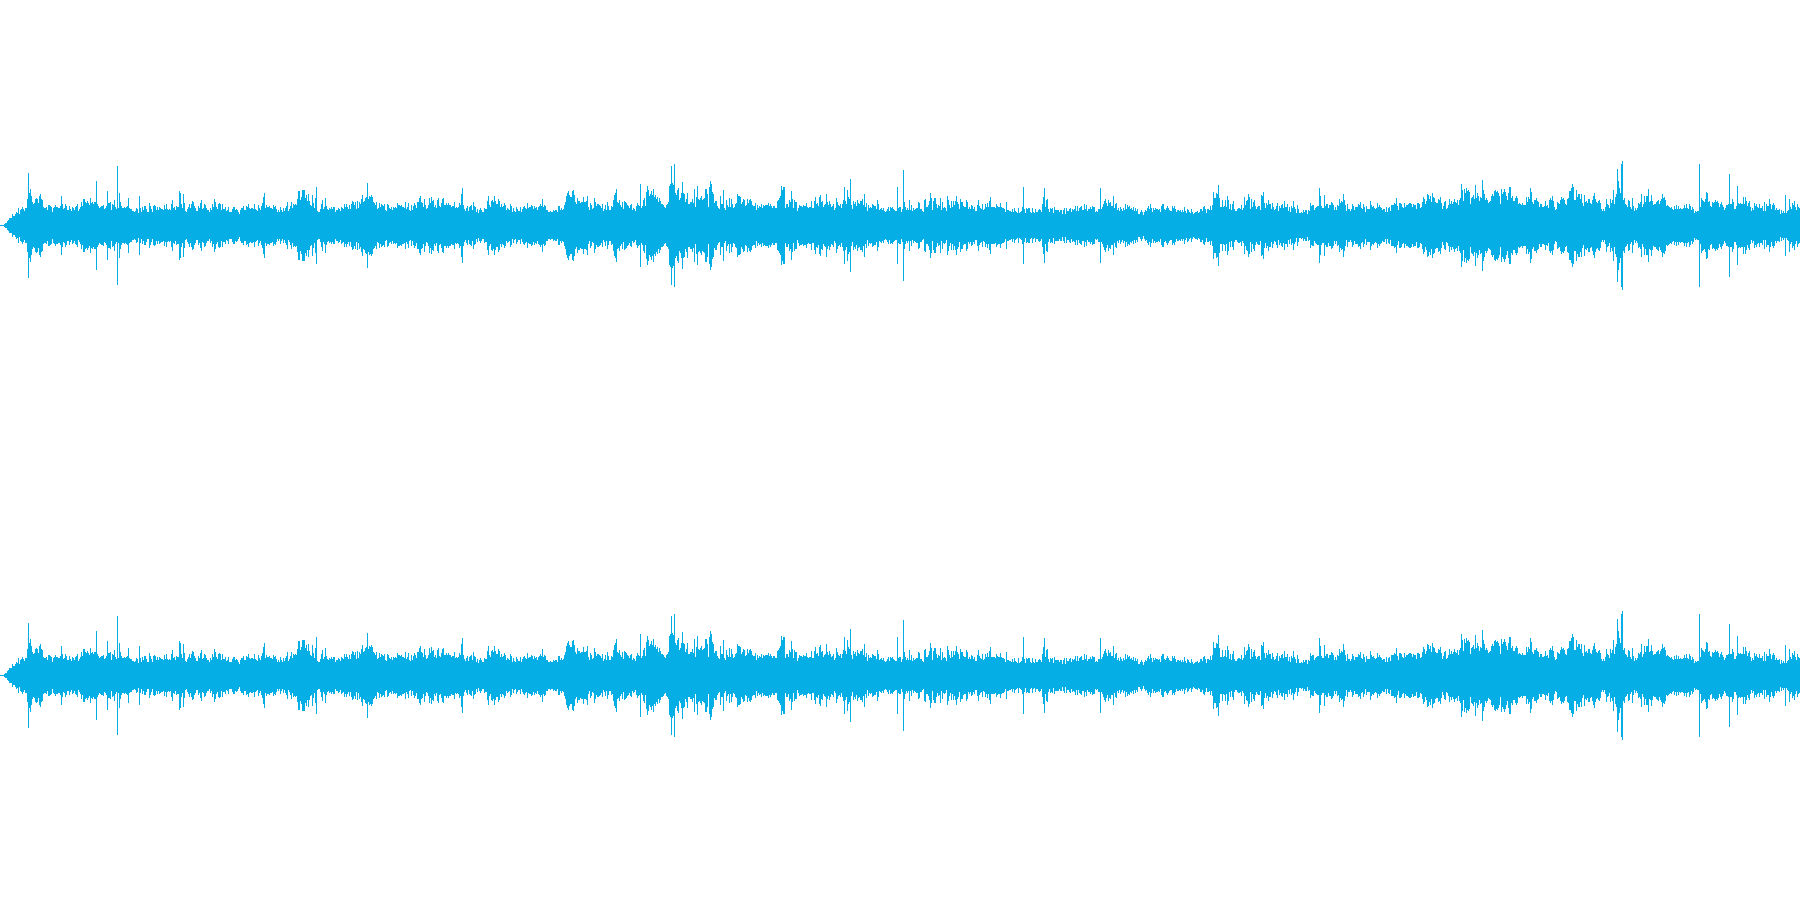 地下鉄の声の再生済みの波形